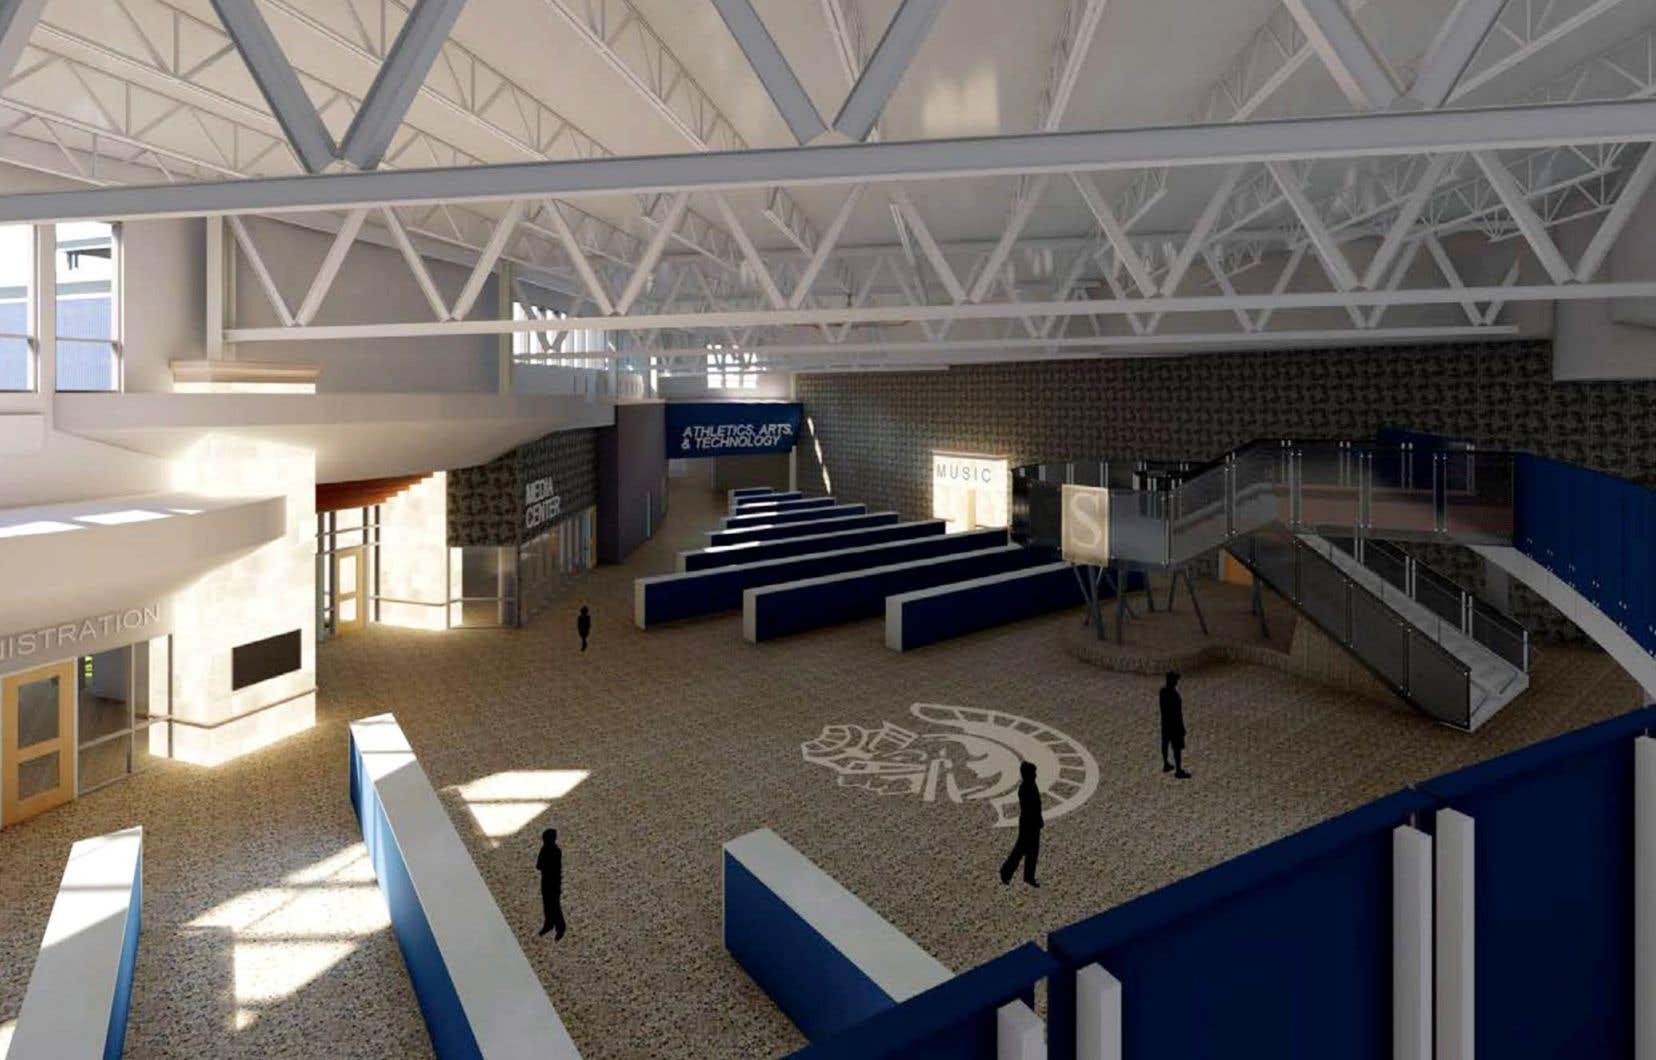 La future école secondaire de Fruitport aura dans son hall d'entrée des murets de béton pour permettre aux élèves de se protéger d'un éventuel tireur.